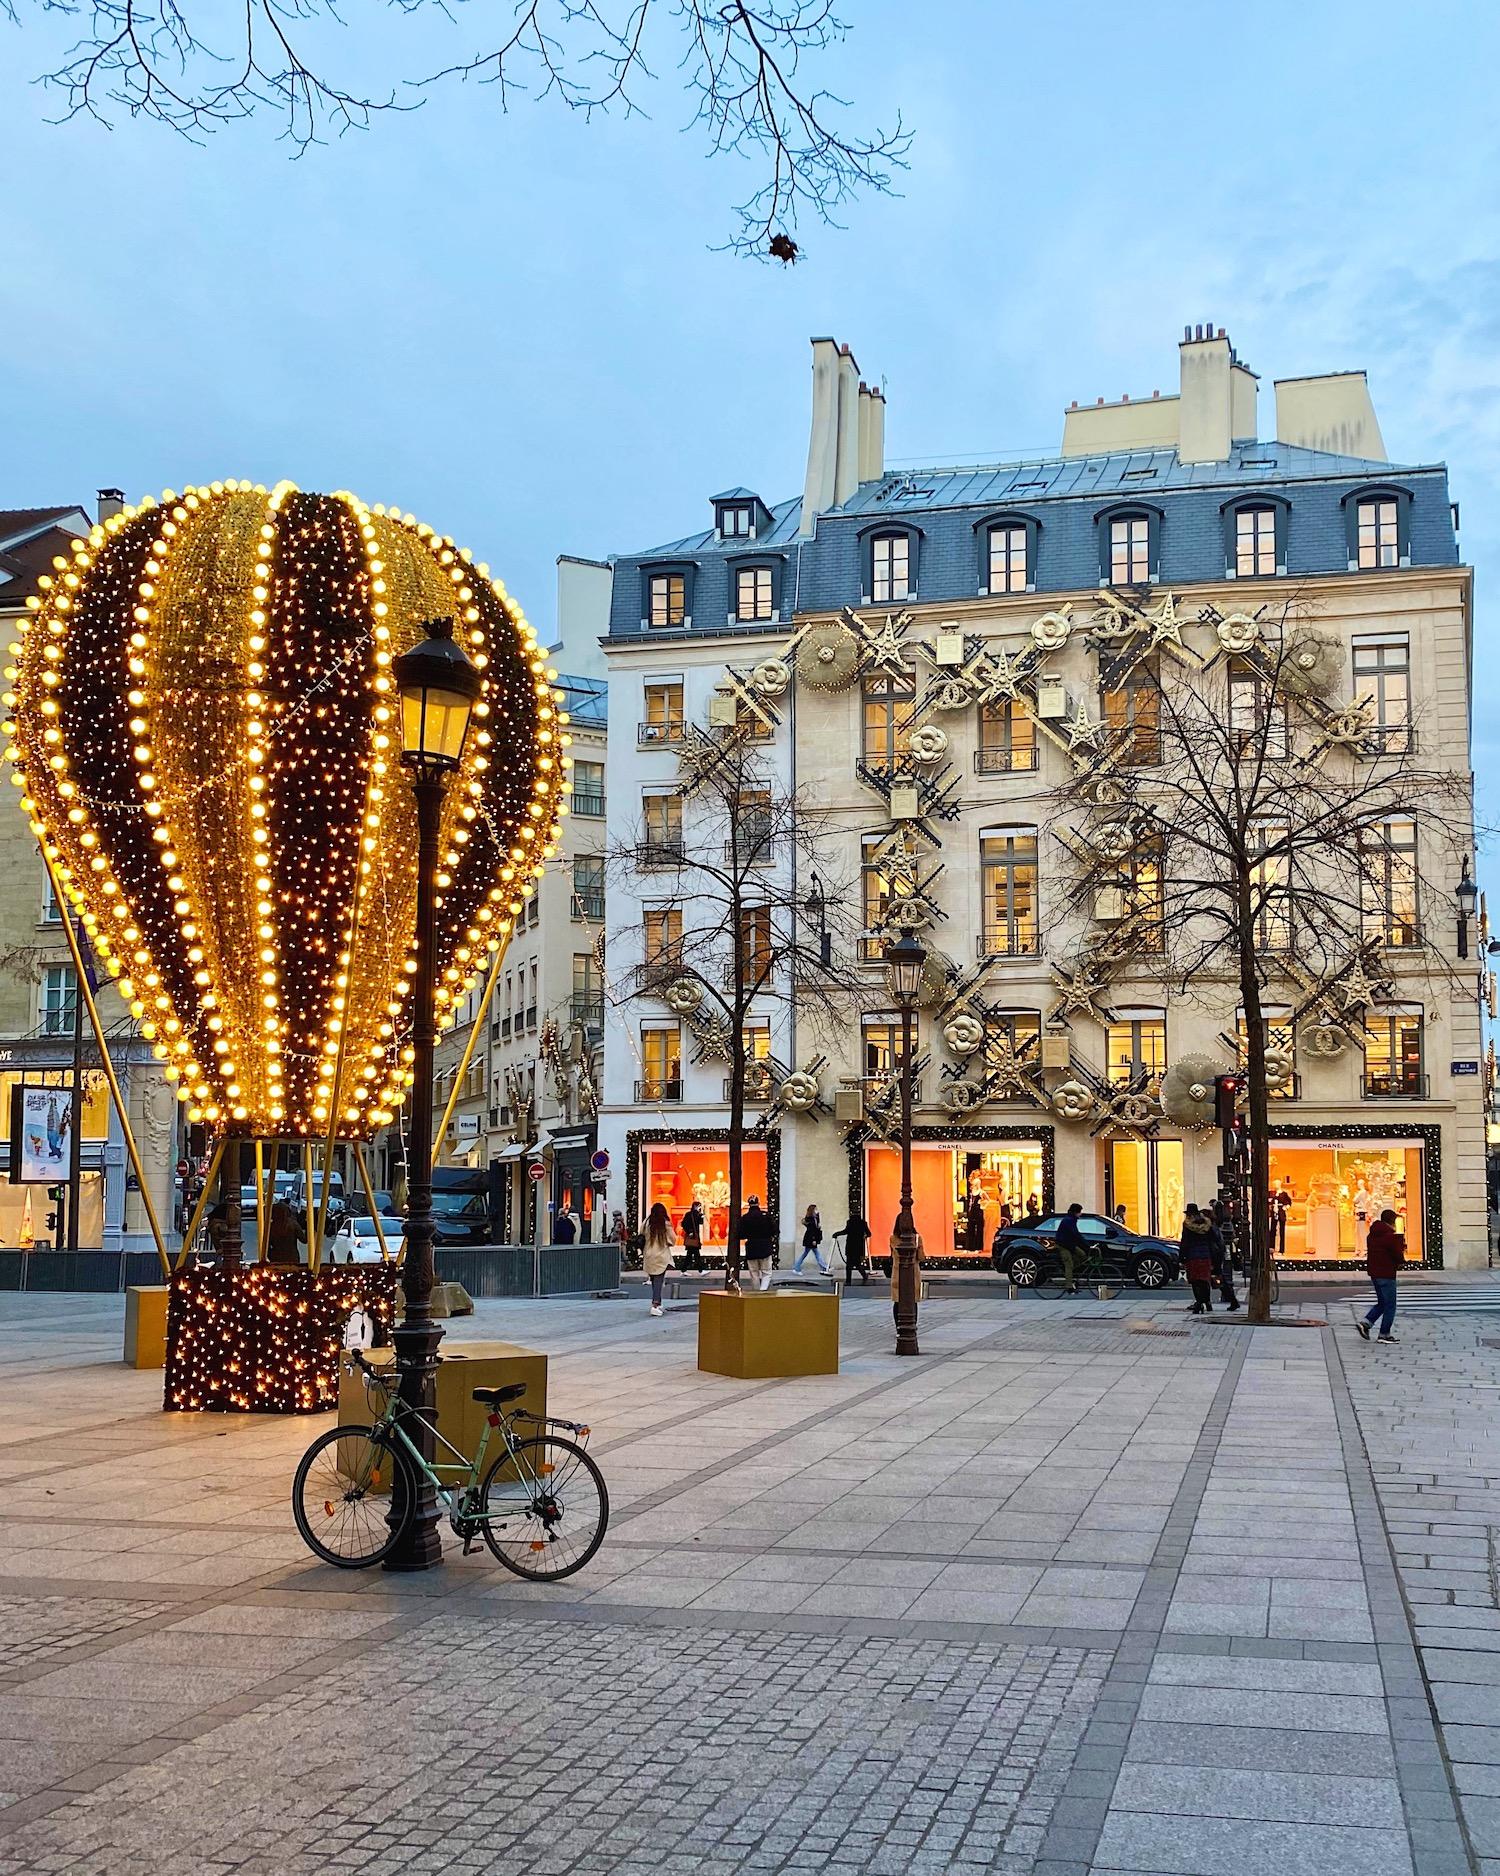 rue saint-honoré decorations 2020